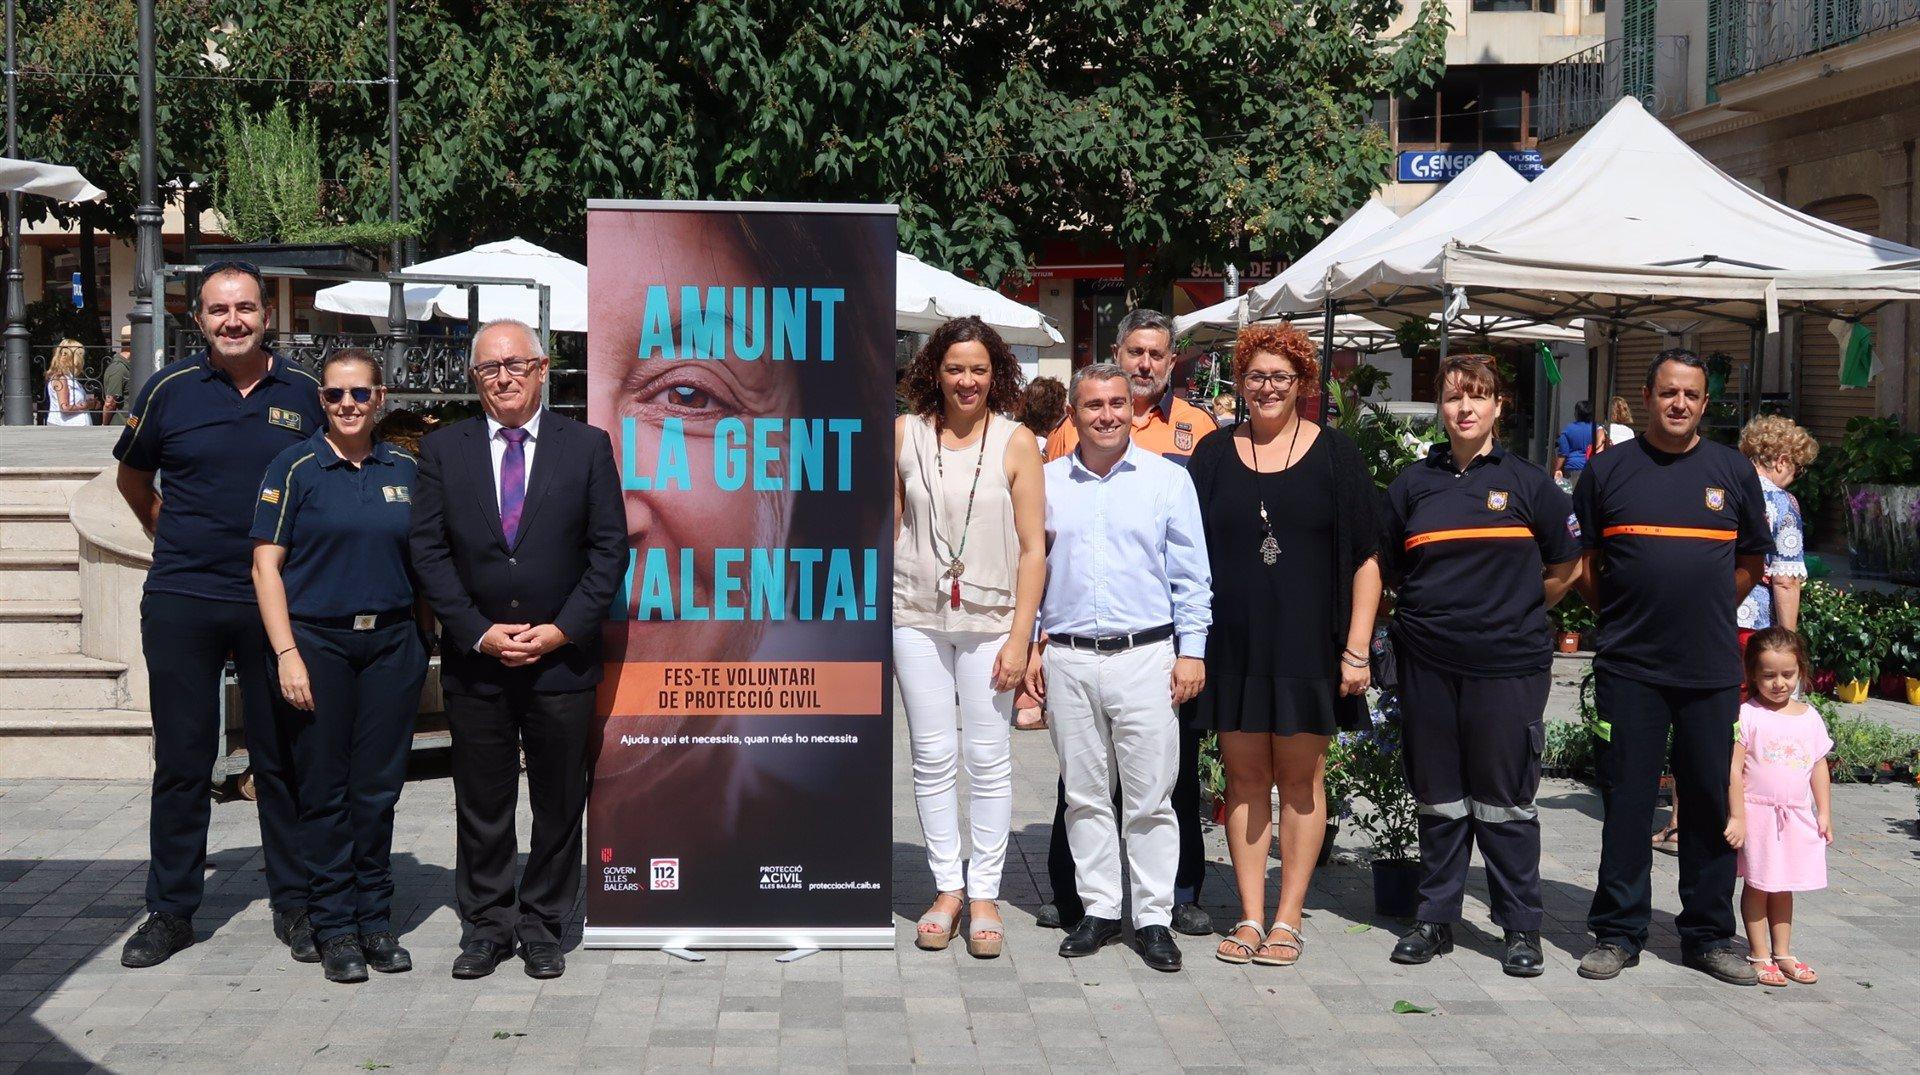 El Govern inicia una campaña para encontrar voluntarios de Protección Civil